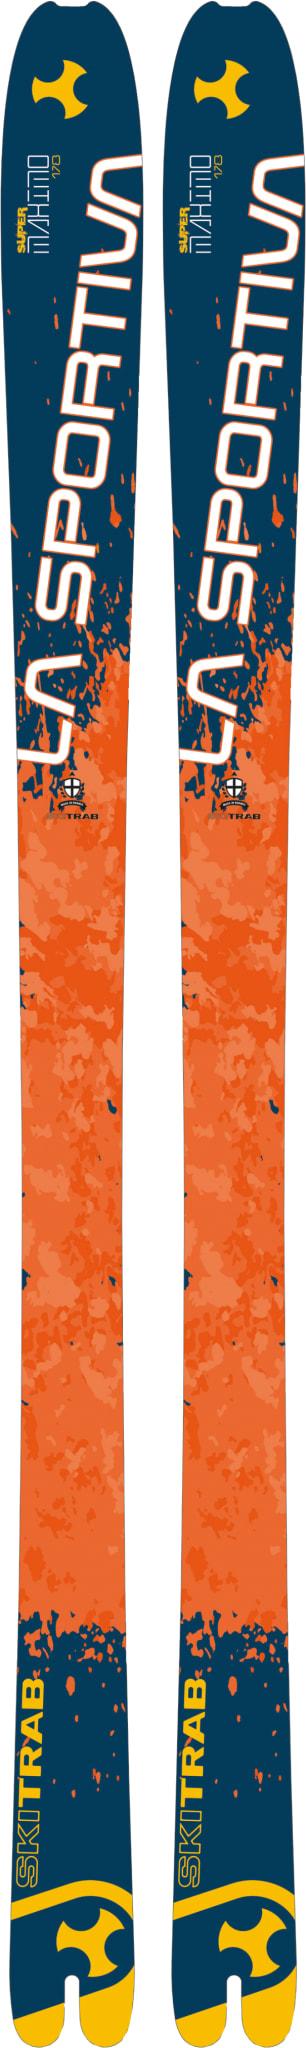 Super allrounder for toppturer, med trekjerne og forsterkning i karbon